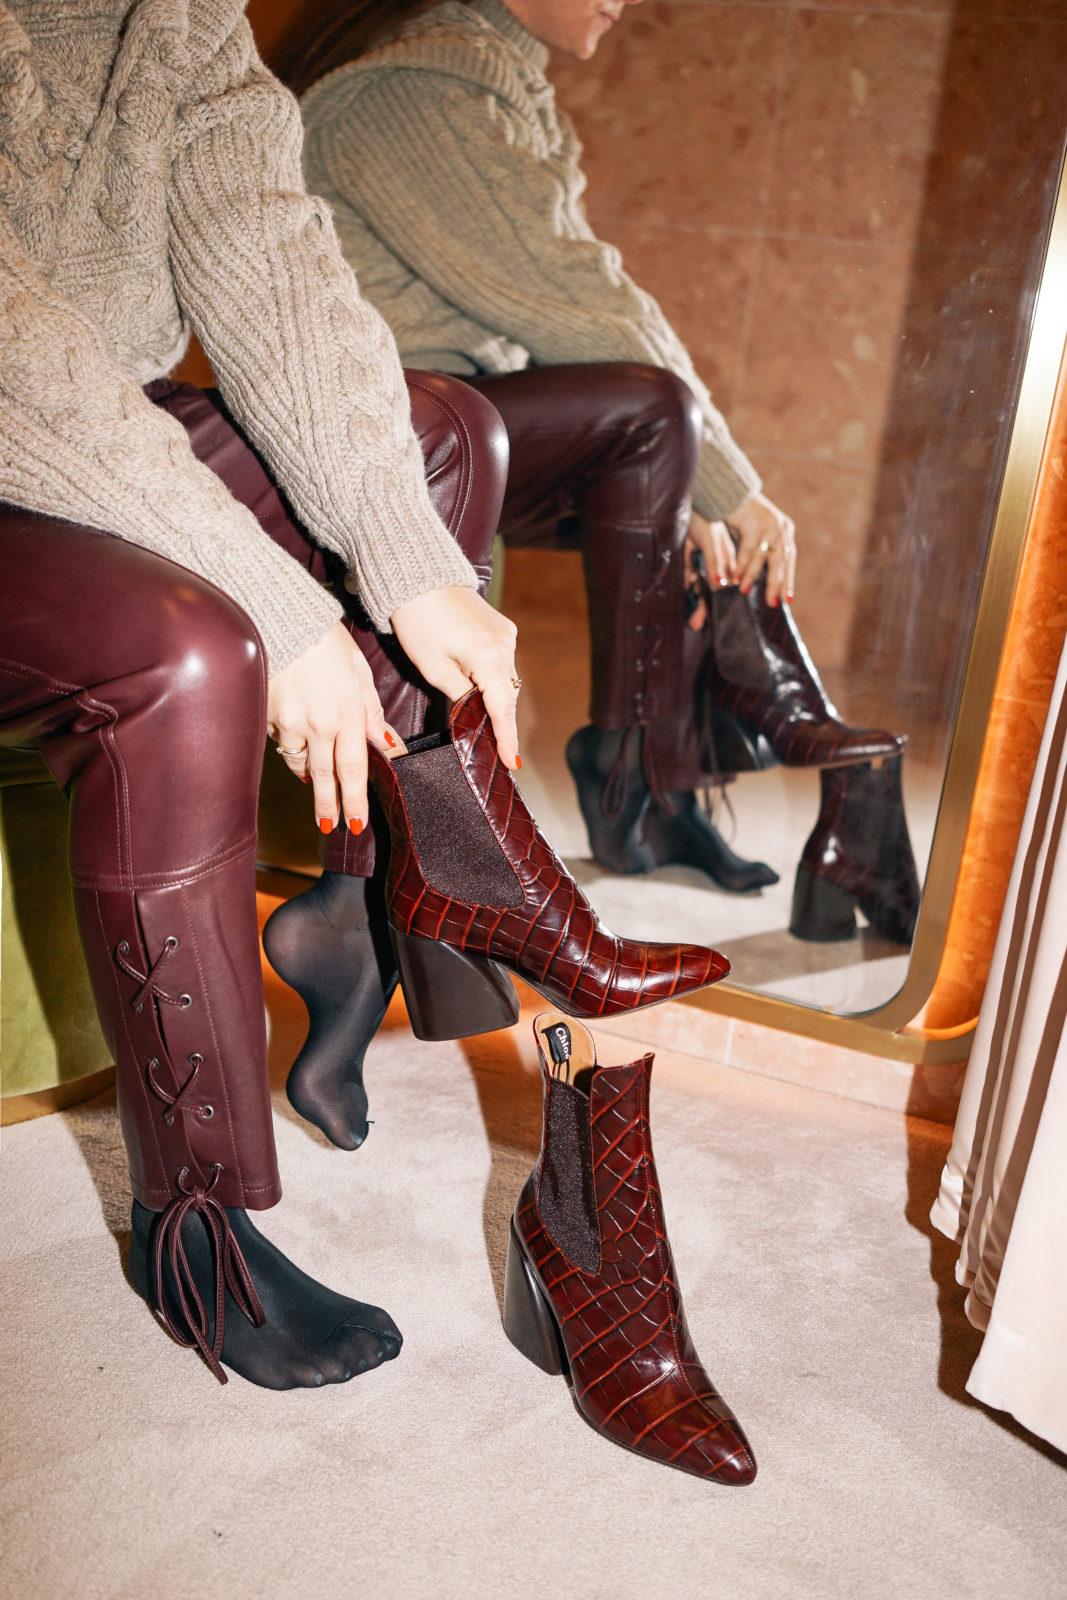 Pin von Franziska K auf Schuhe | Bemalte schuhe, Vans schuhe